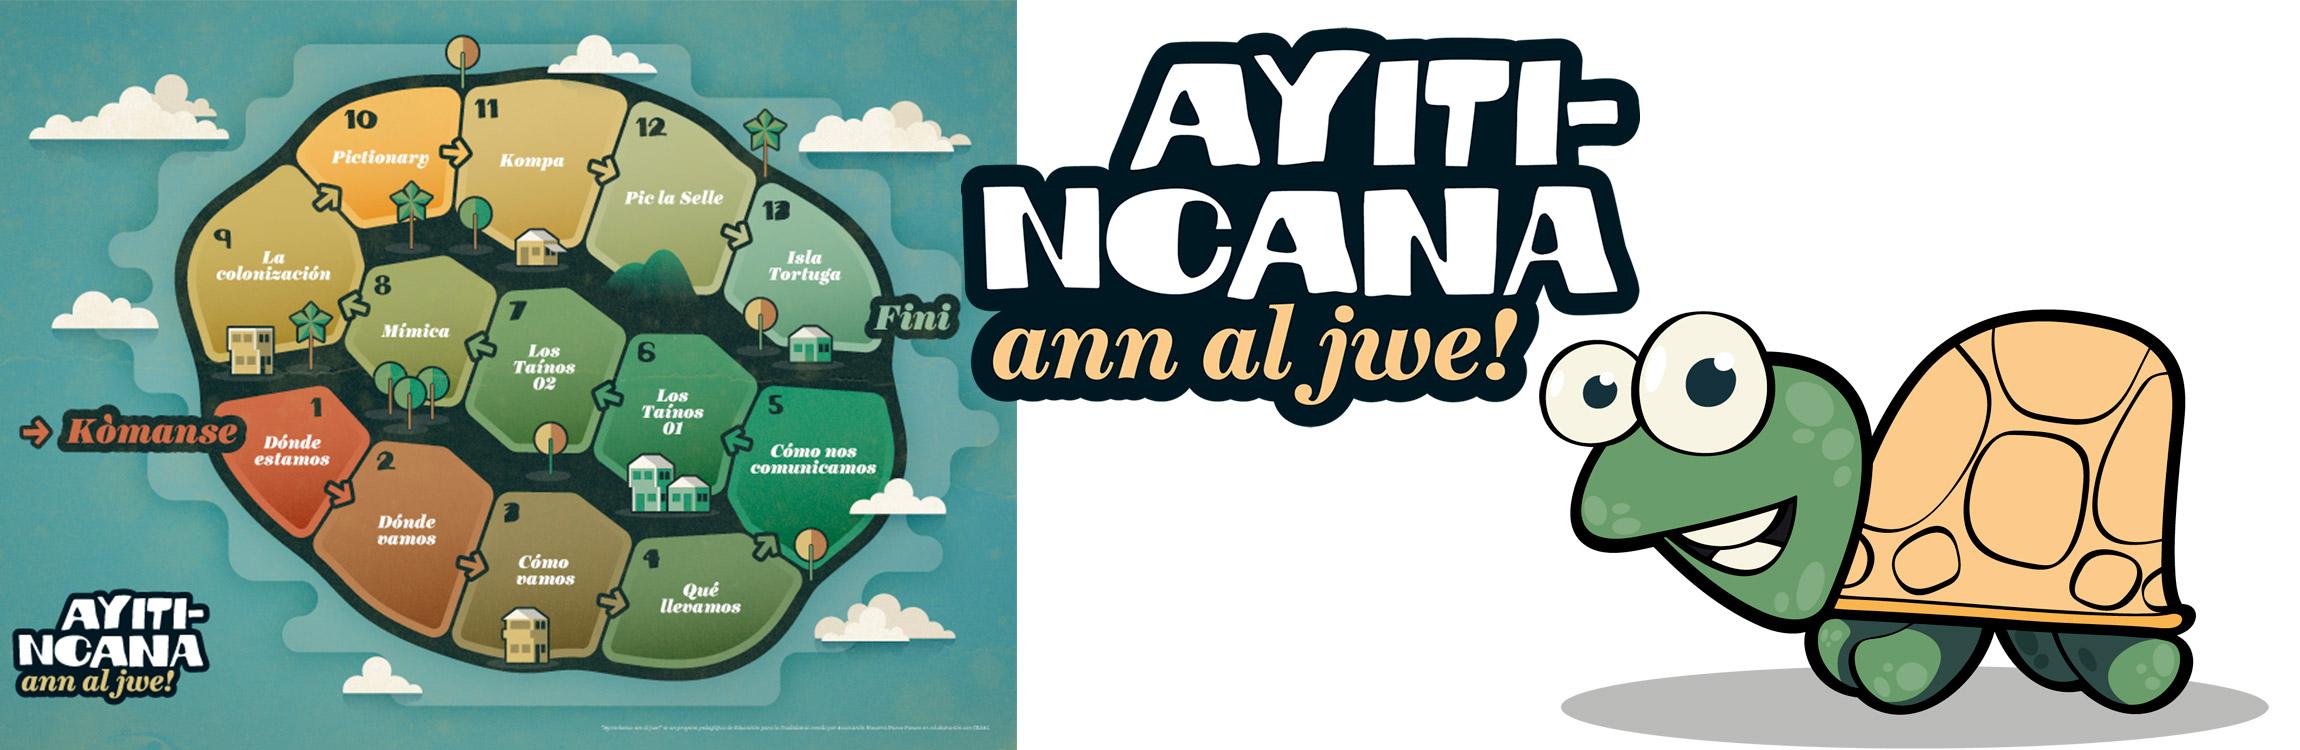 Imagen de la noticia Poniendo en marcha Ayitincana